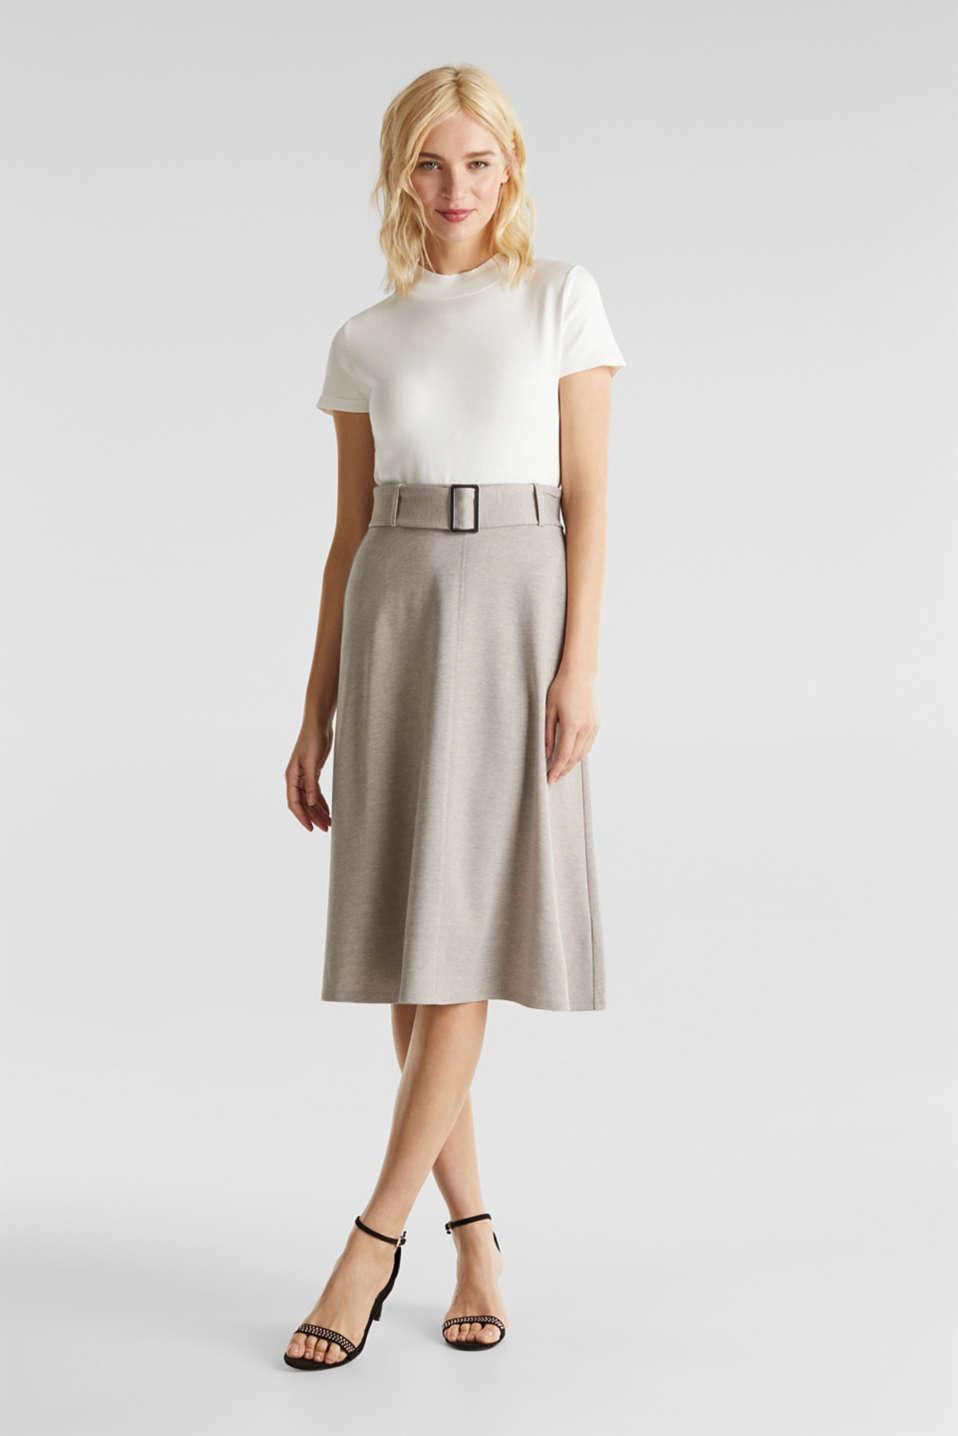 Melange A-line jersey skirt, LIGHT BEIGE, detail image number 1